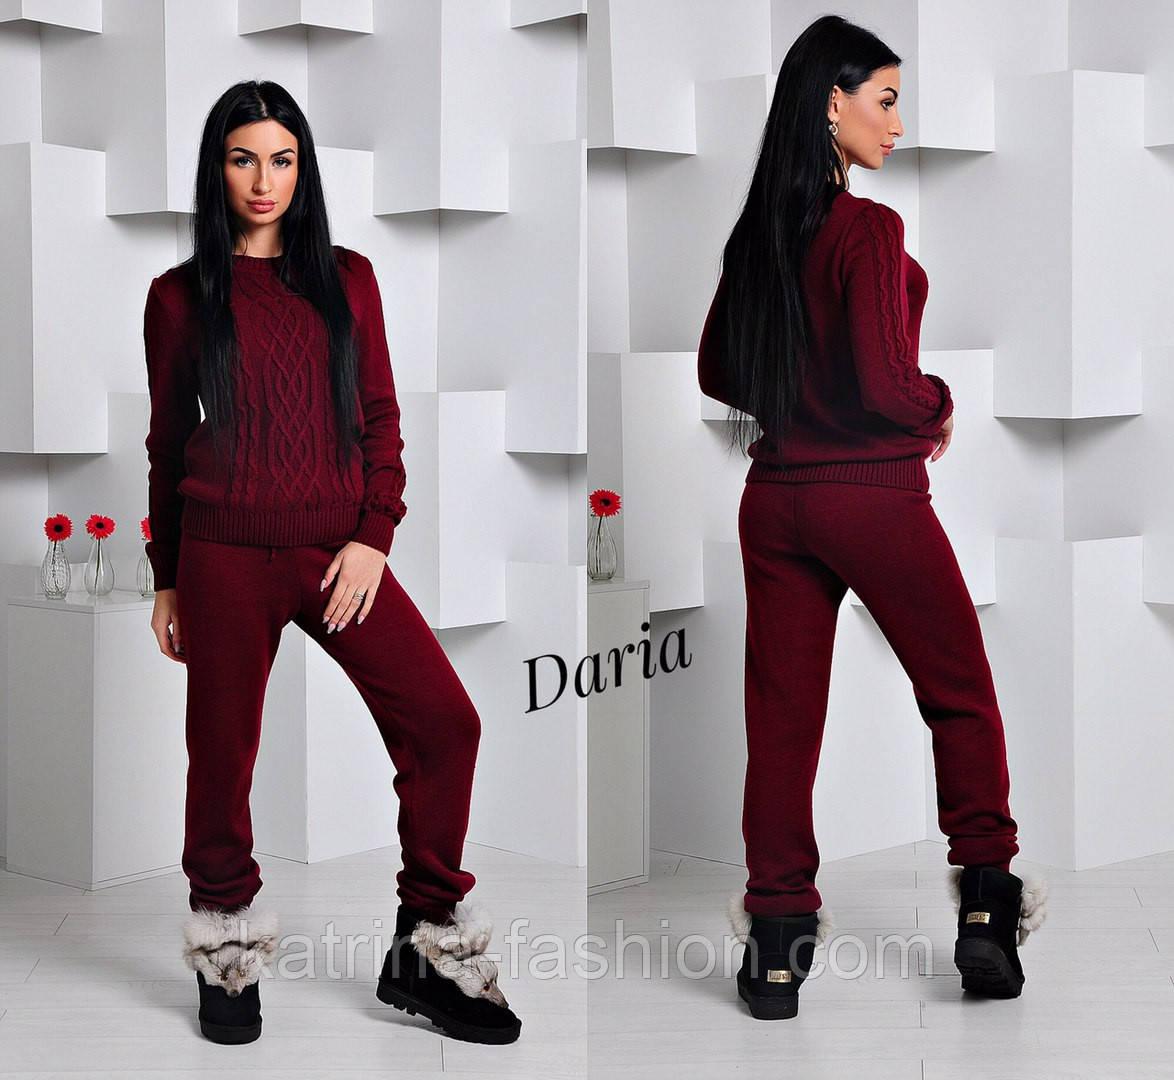 Женский стильный вязанный костюм: свитер и штаны (4 цвета) Турция